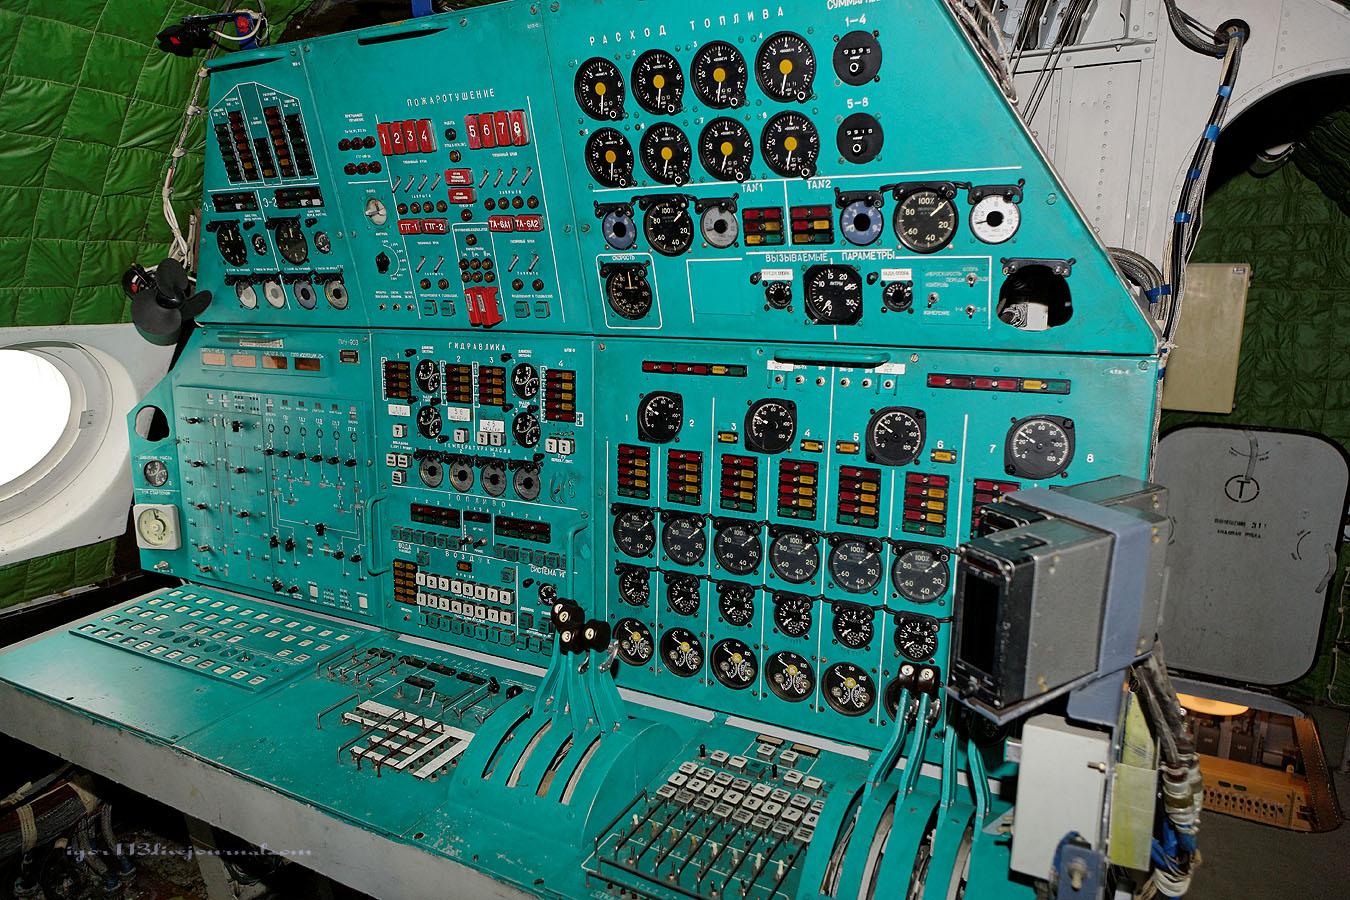 Ekranoplano Lun Lun-class ekranoplan Rusia Russia avión barco aircraft ship Лунь экраноплан